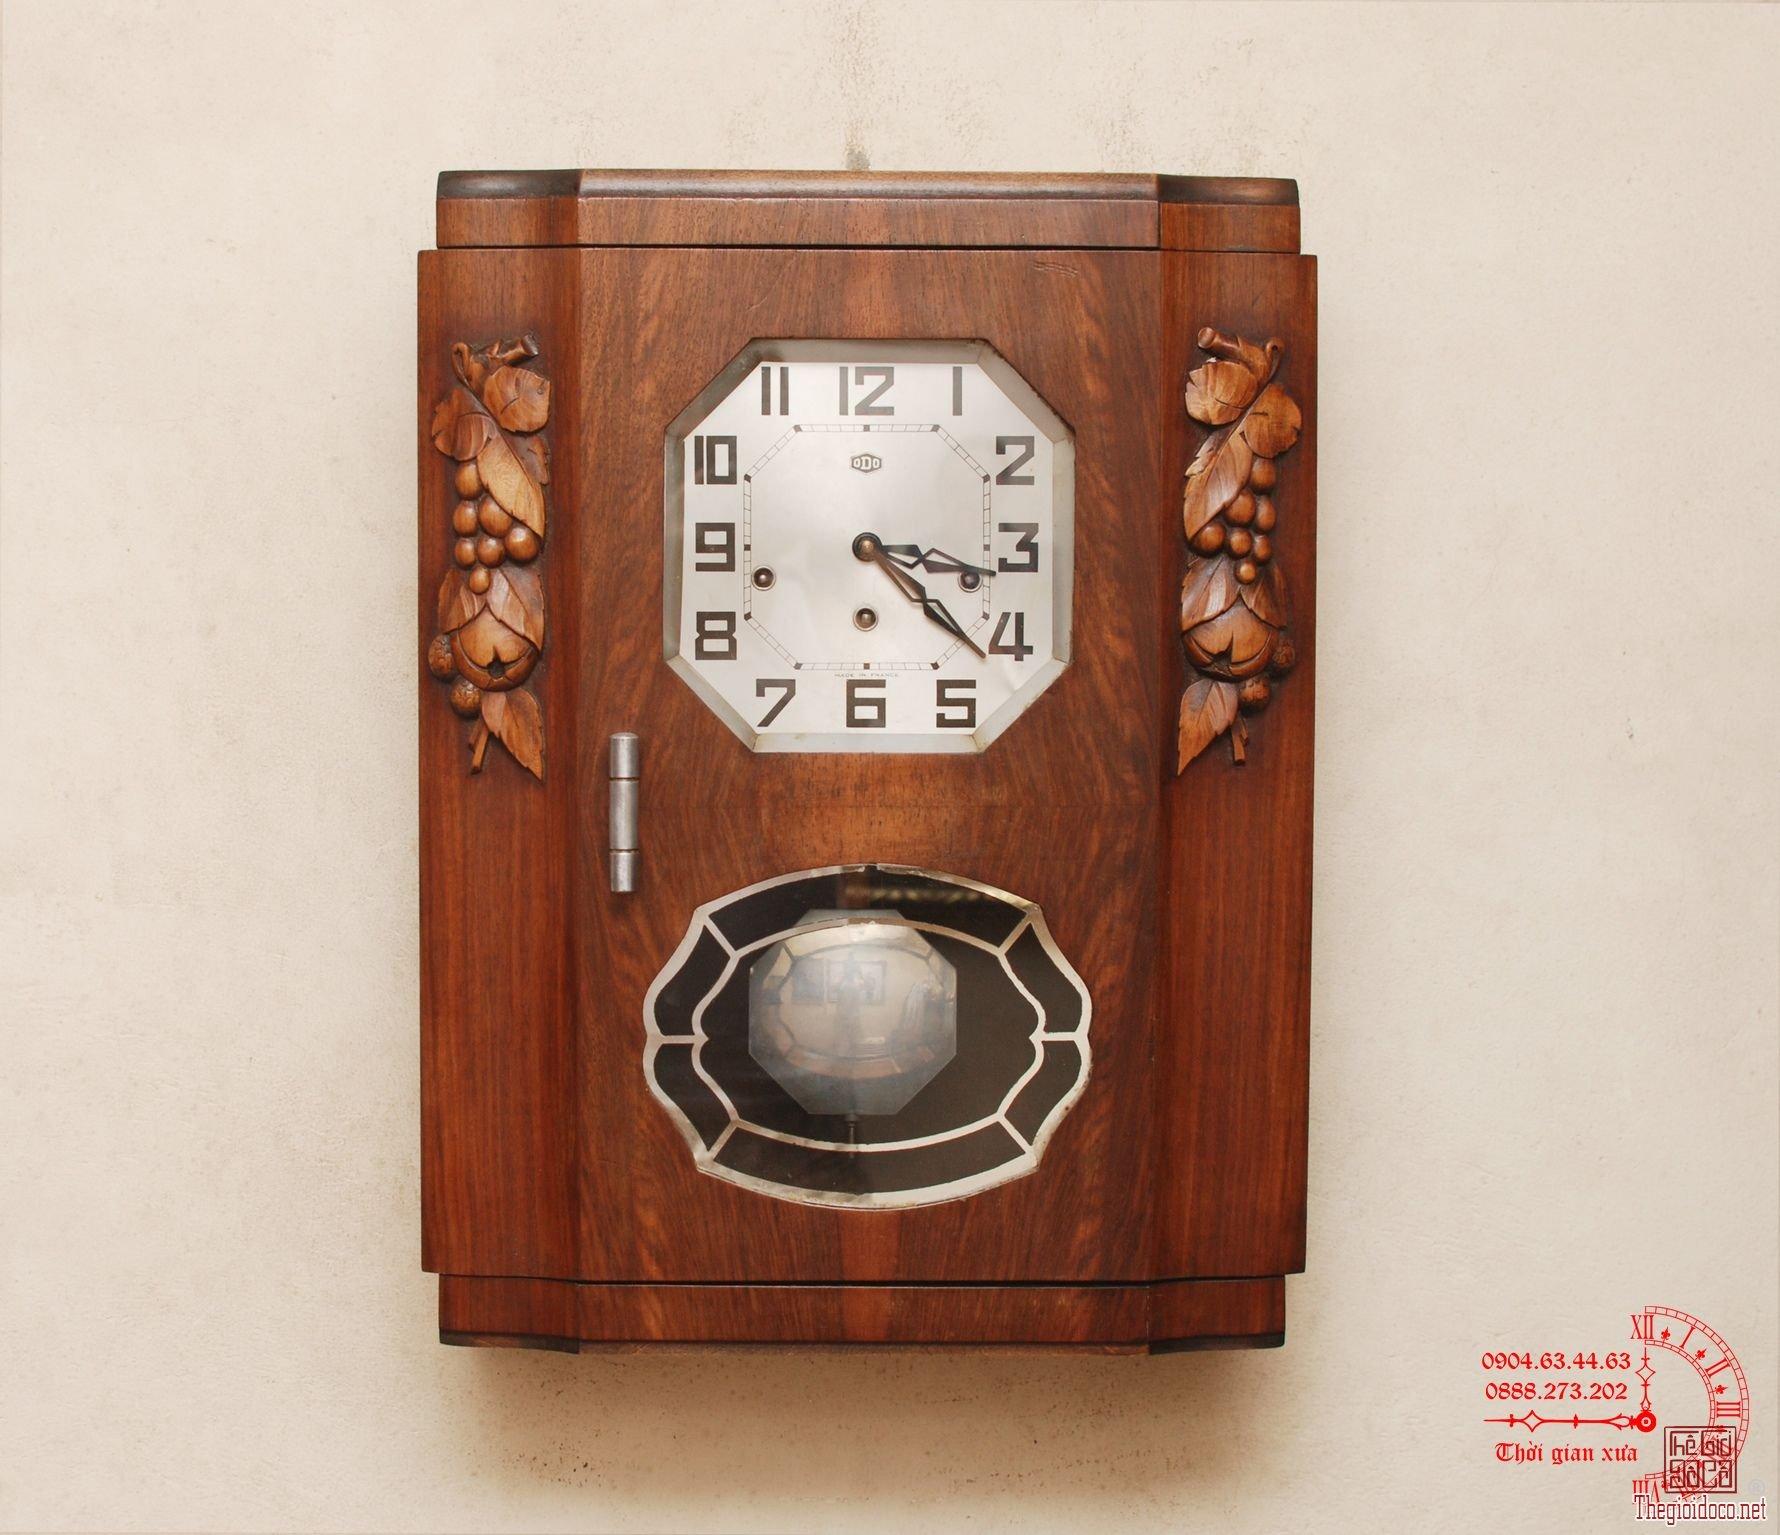 Đồng hồ ODO đời 30, 8 gông đồng (mã 74P)